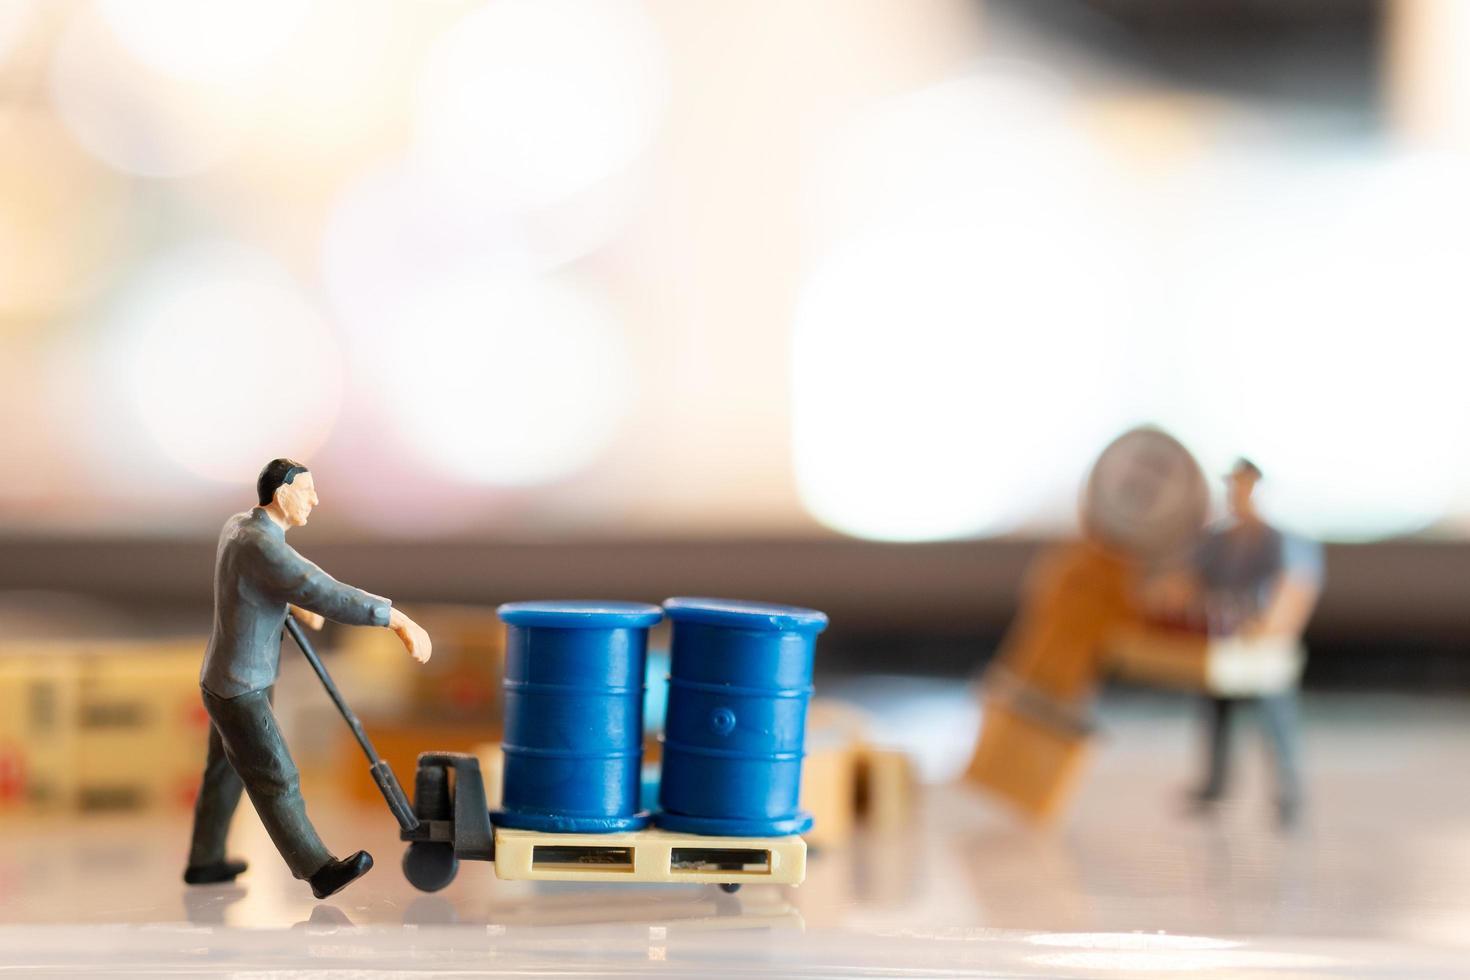 des gens miniatures, des postiers en service se préparant à envoyer une boîte au consommateur. service de livraison pour le concept de commerce électronique photo